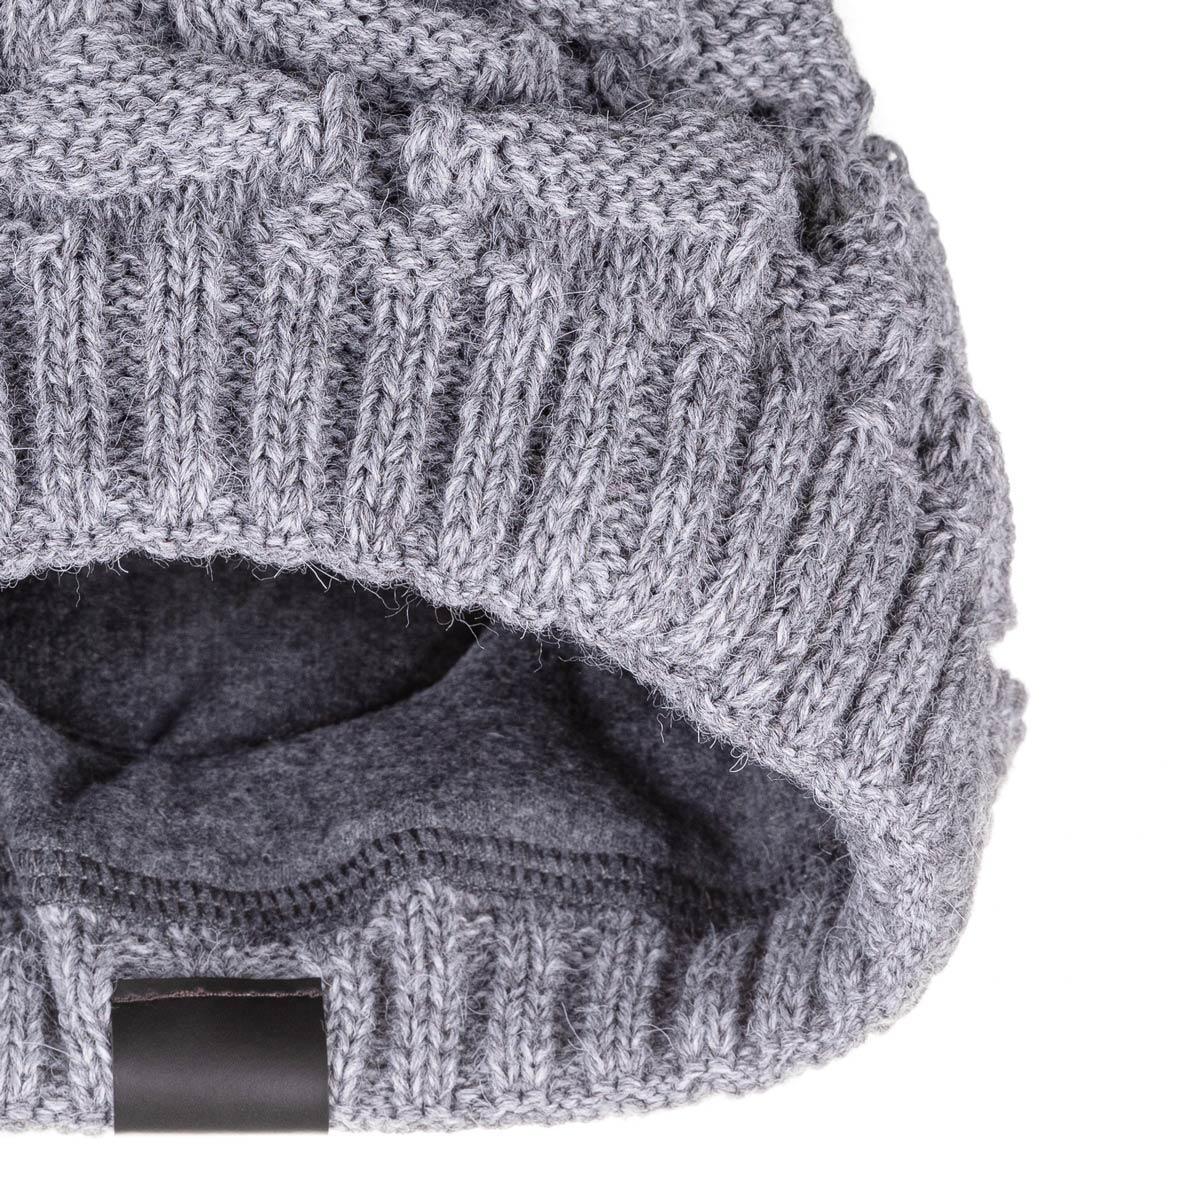 CP-01601-D12-bonnet-gris-avec-doublure